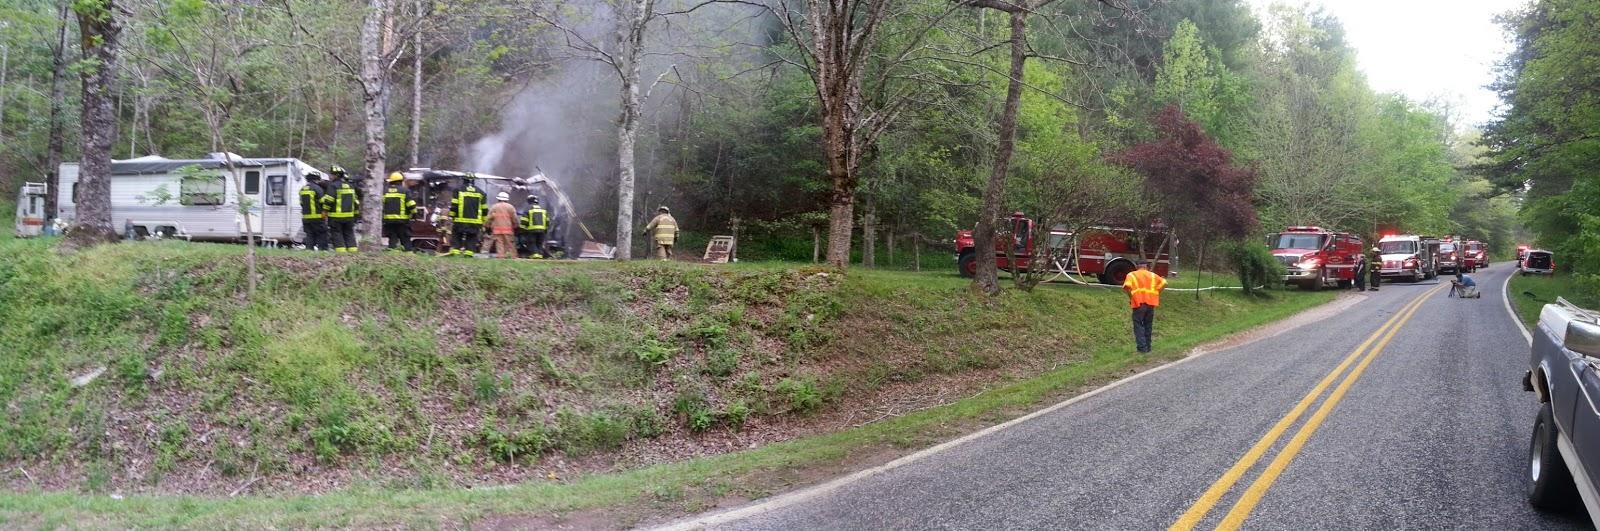 Panoramic shot of the fire scene